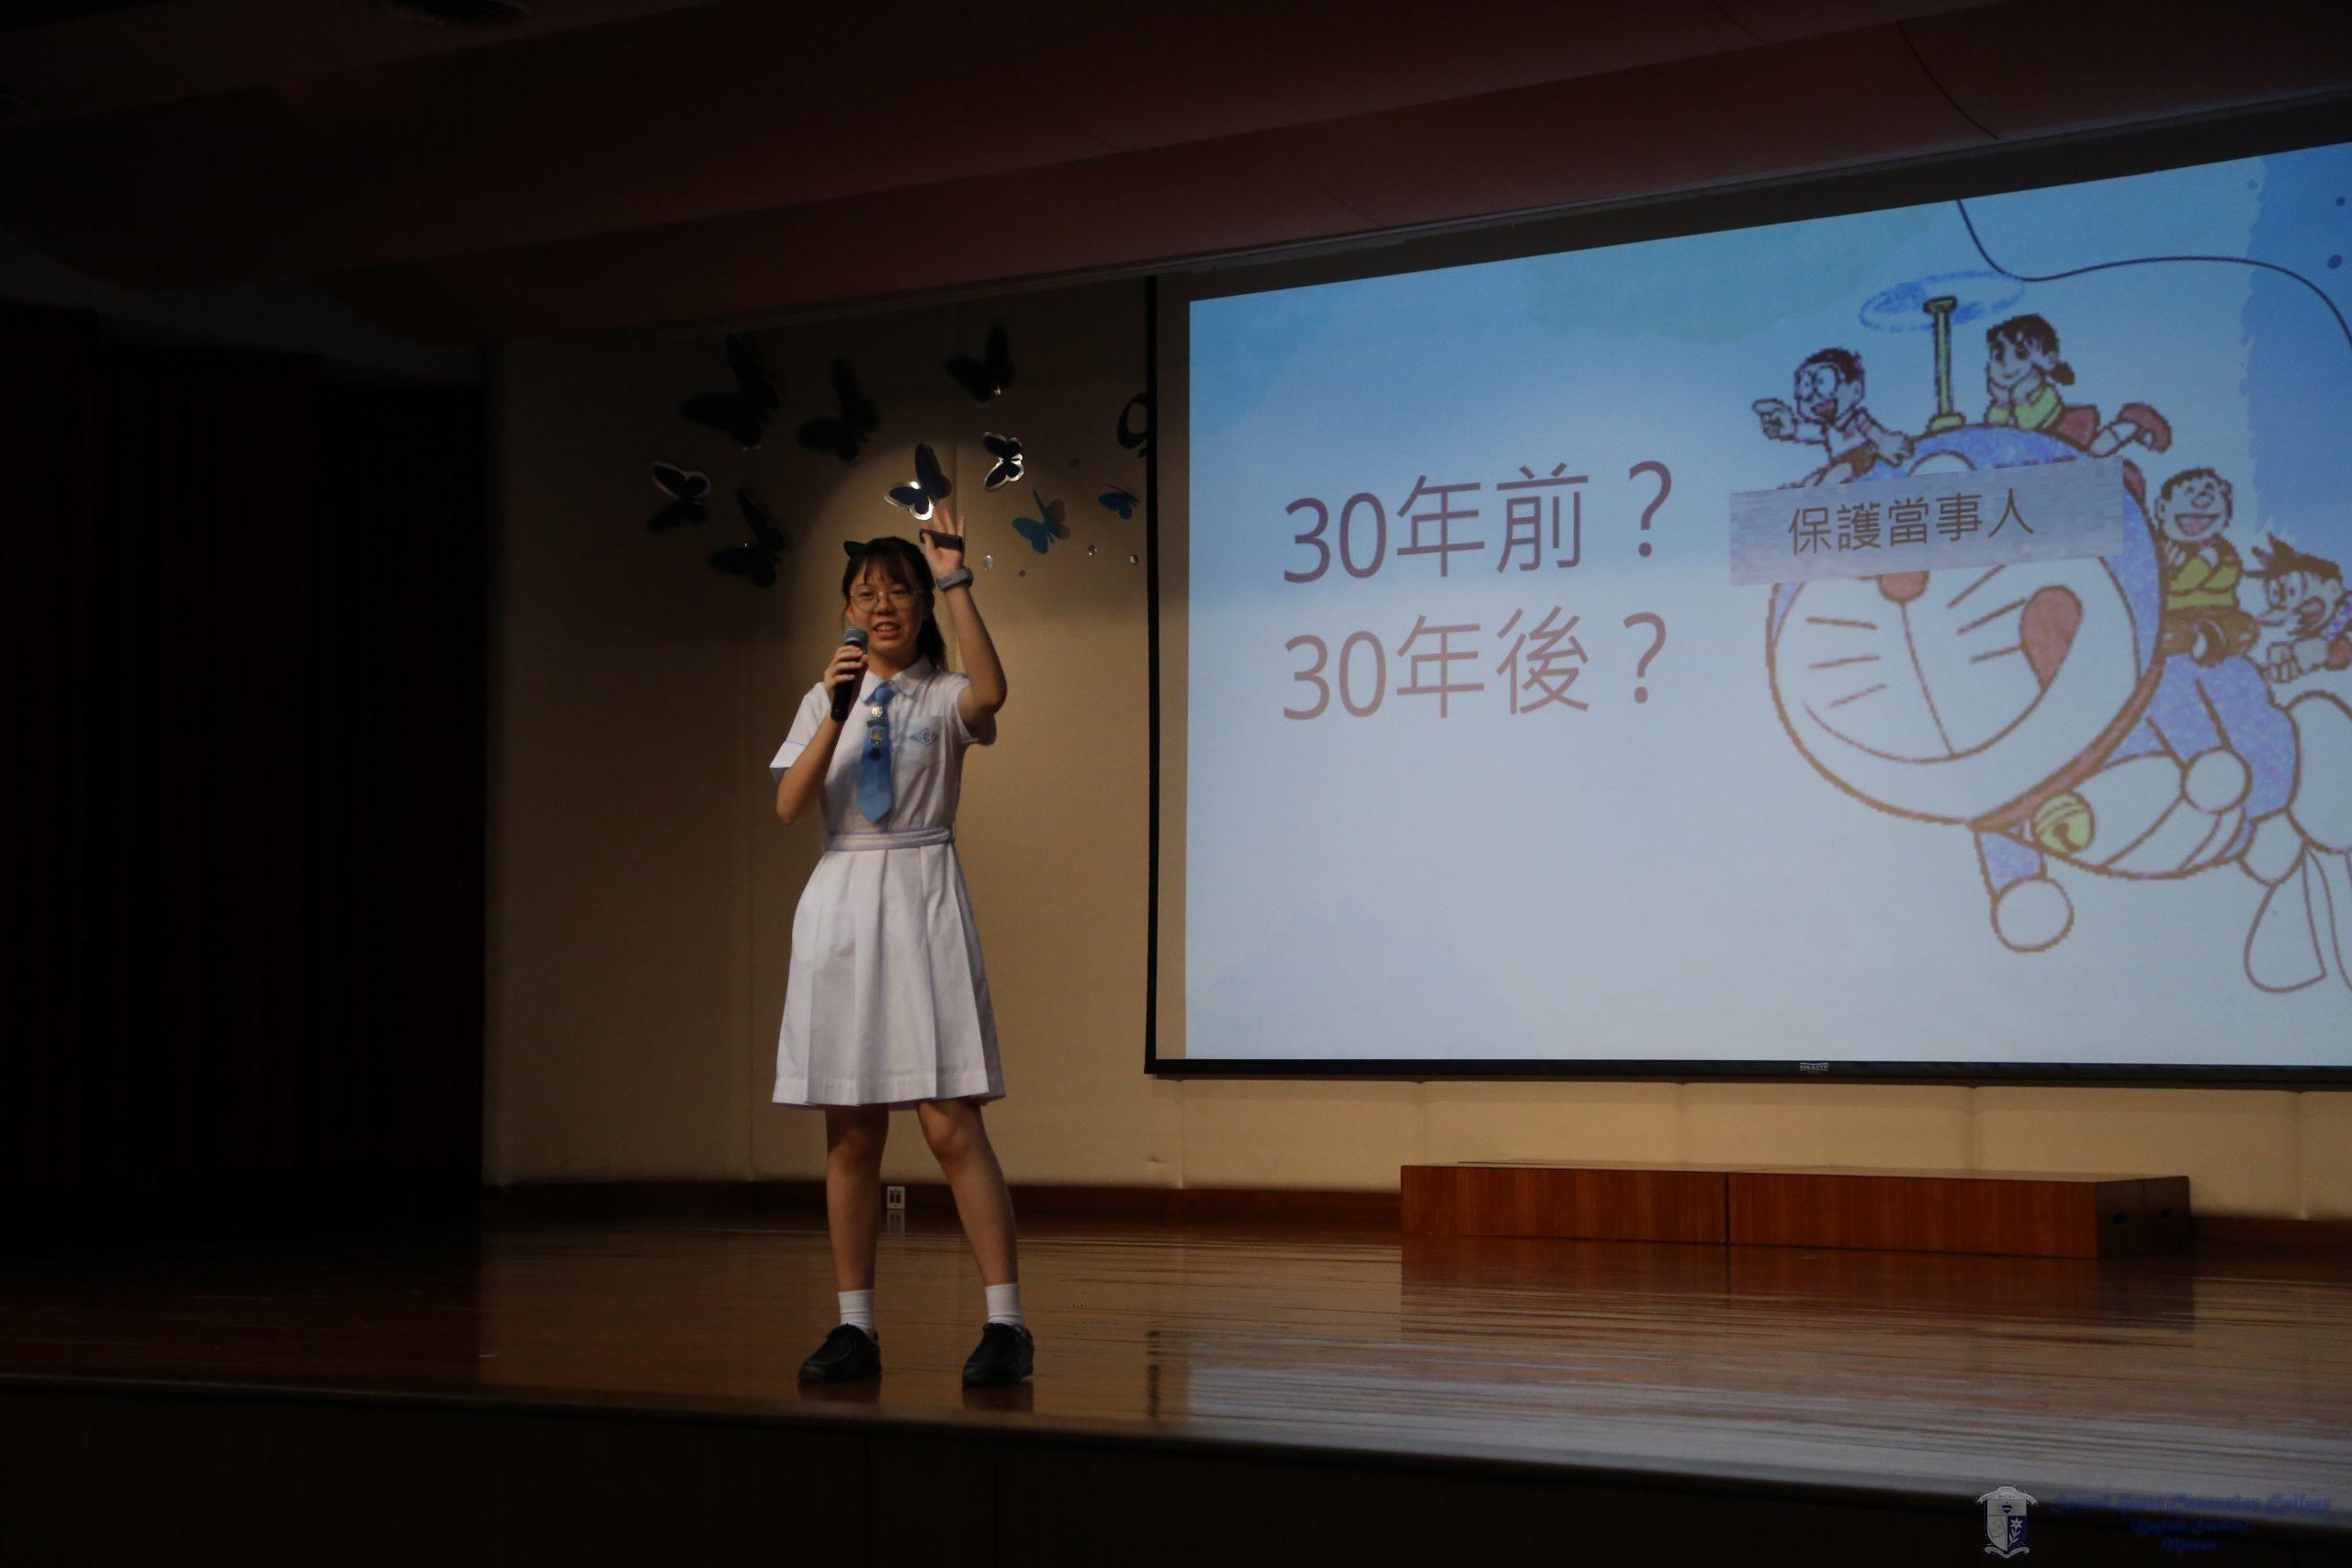 參賽者在演講中與現場同學互動